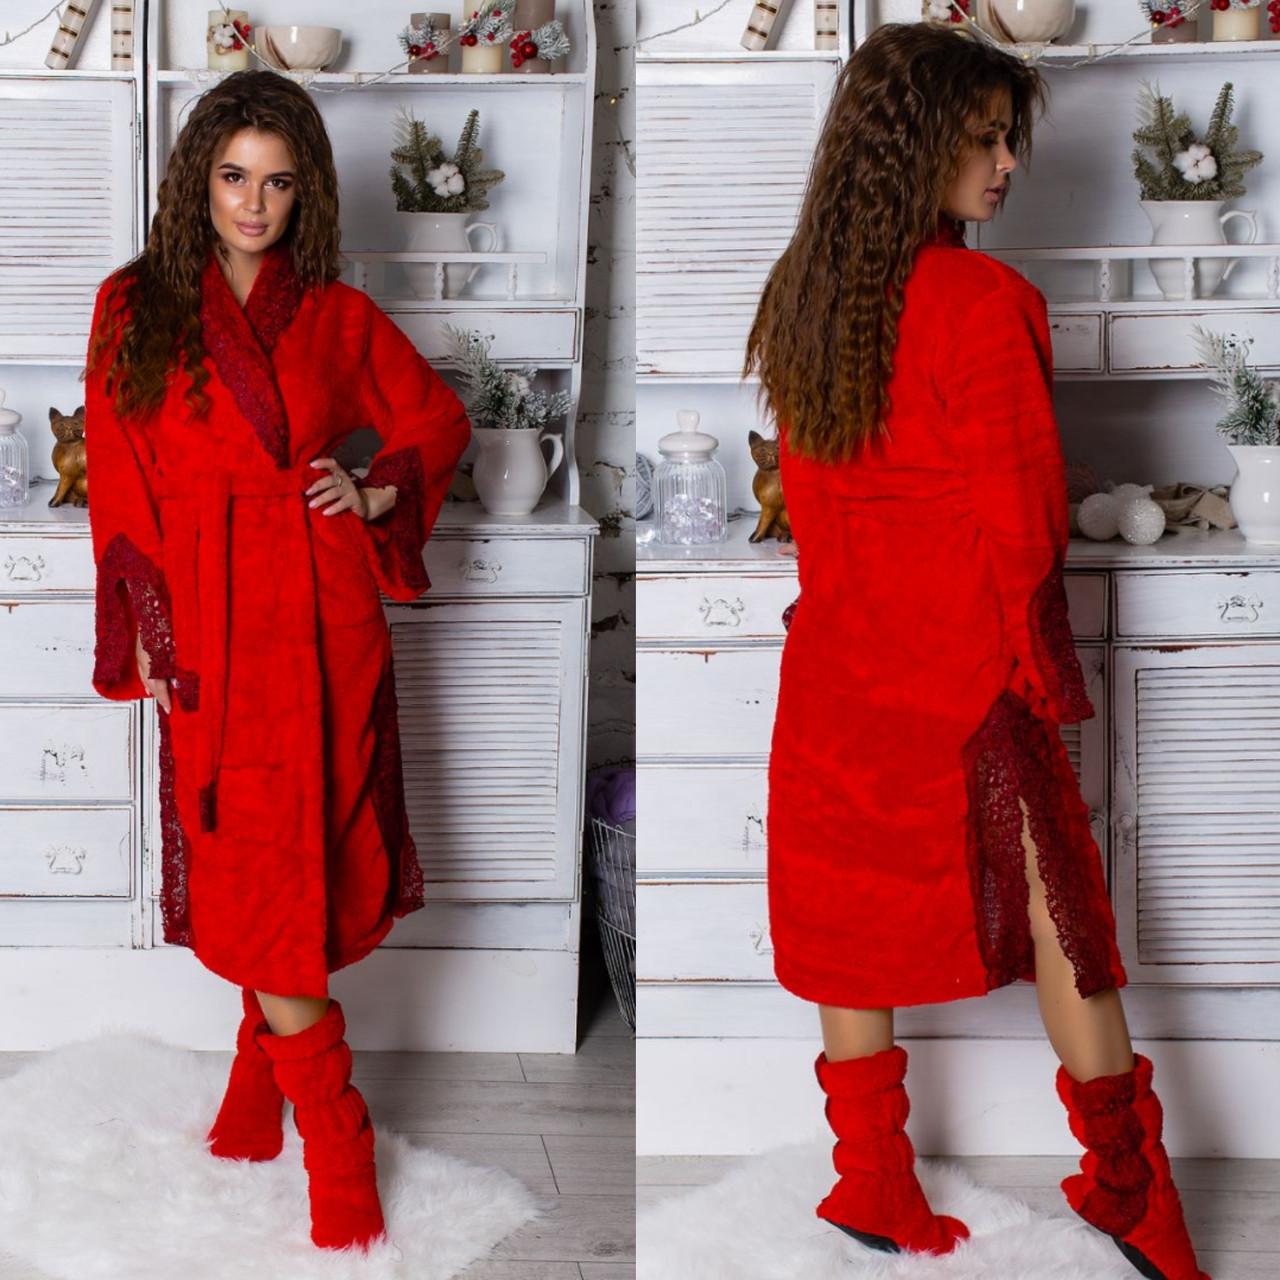 21a07de683eeb Шикарный халат с кружевами плюс махровые сапожки - Интернет-магазин  Selim-tekstil в Одессе